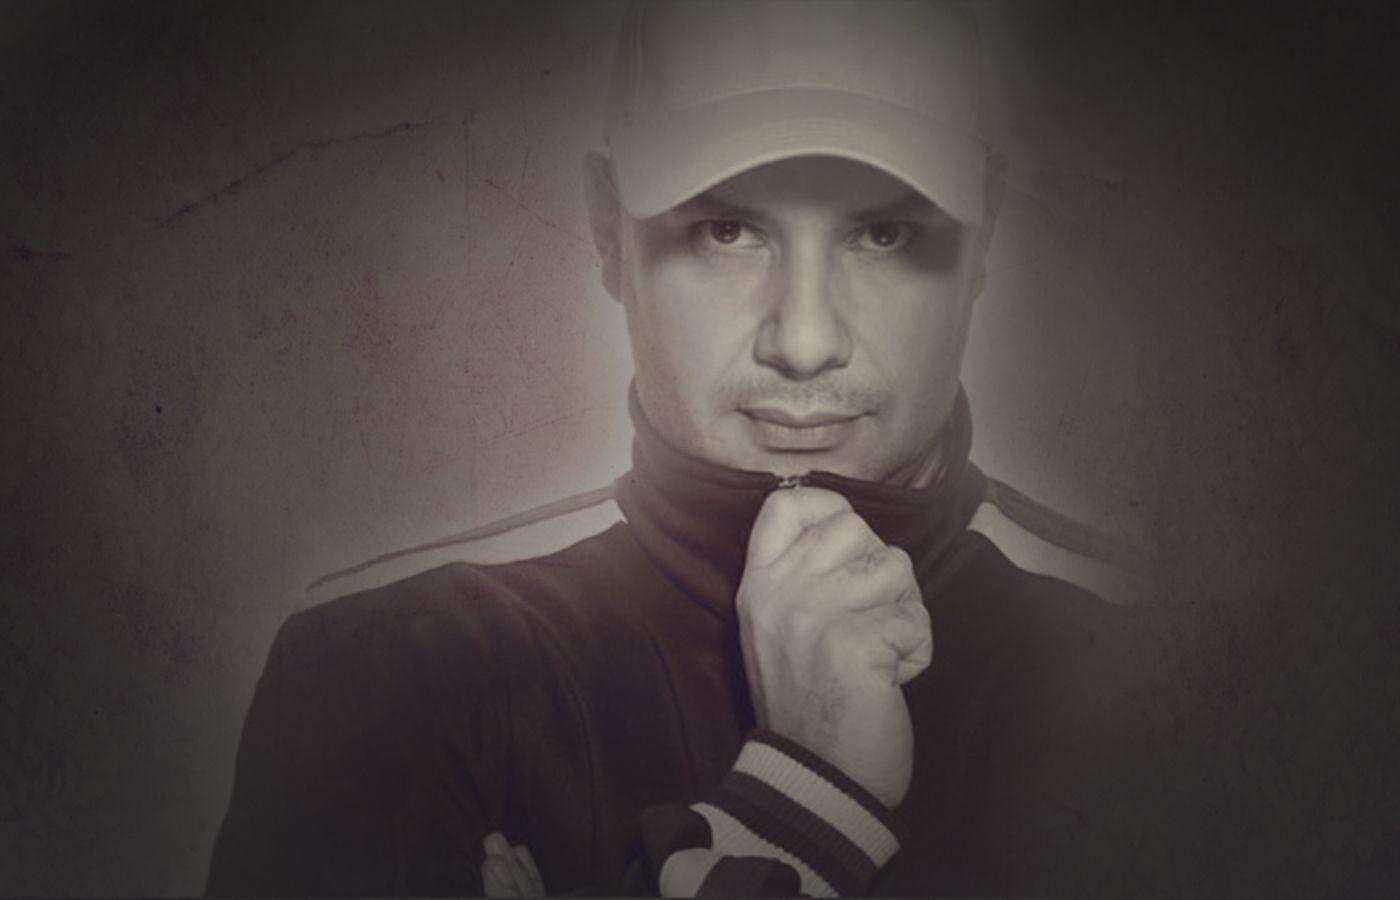 Falleció el DJ y productor argentino Big Fabio